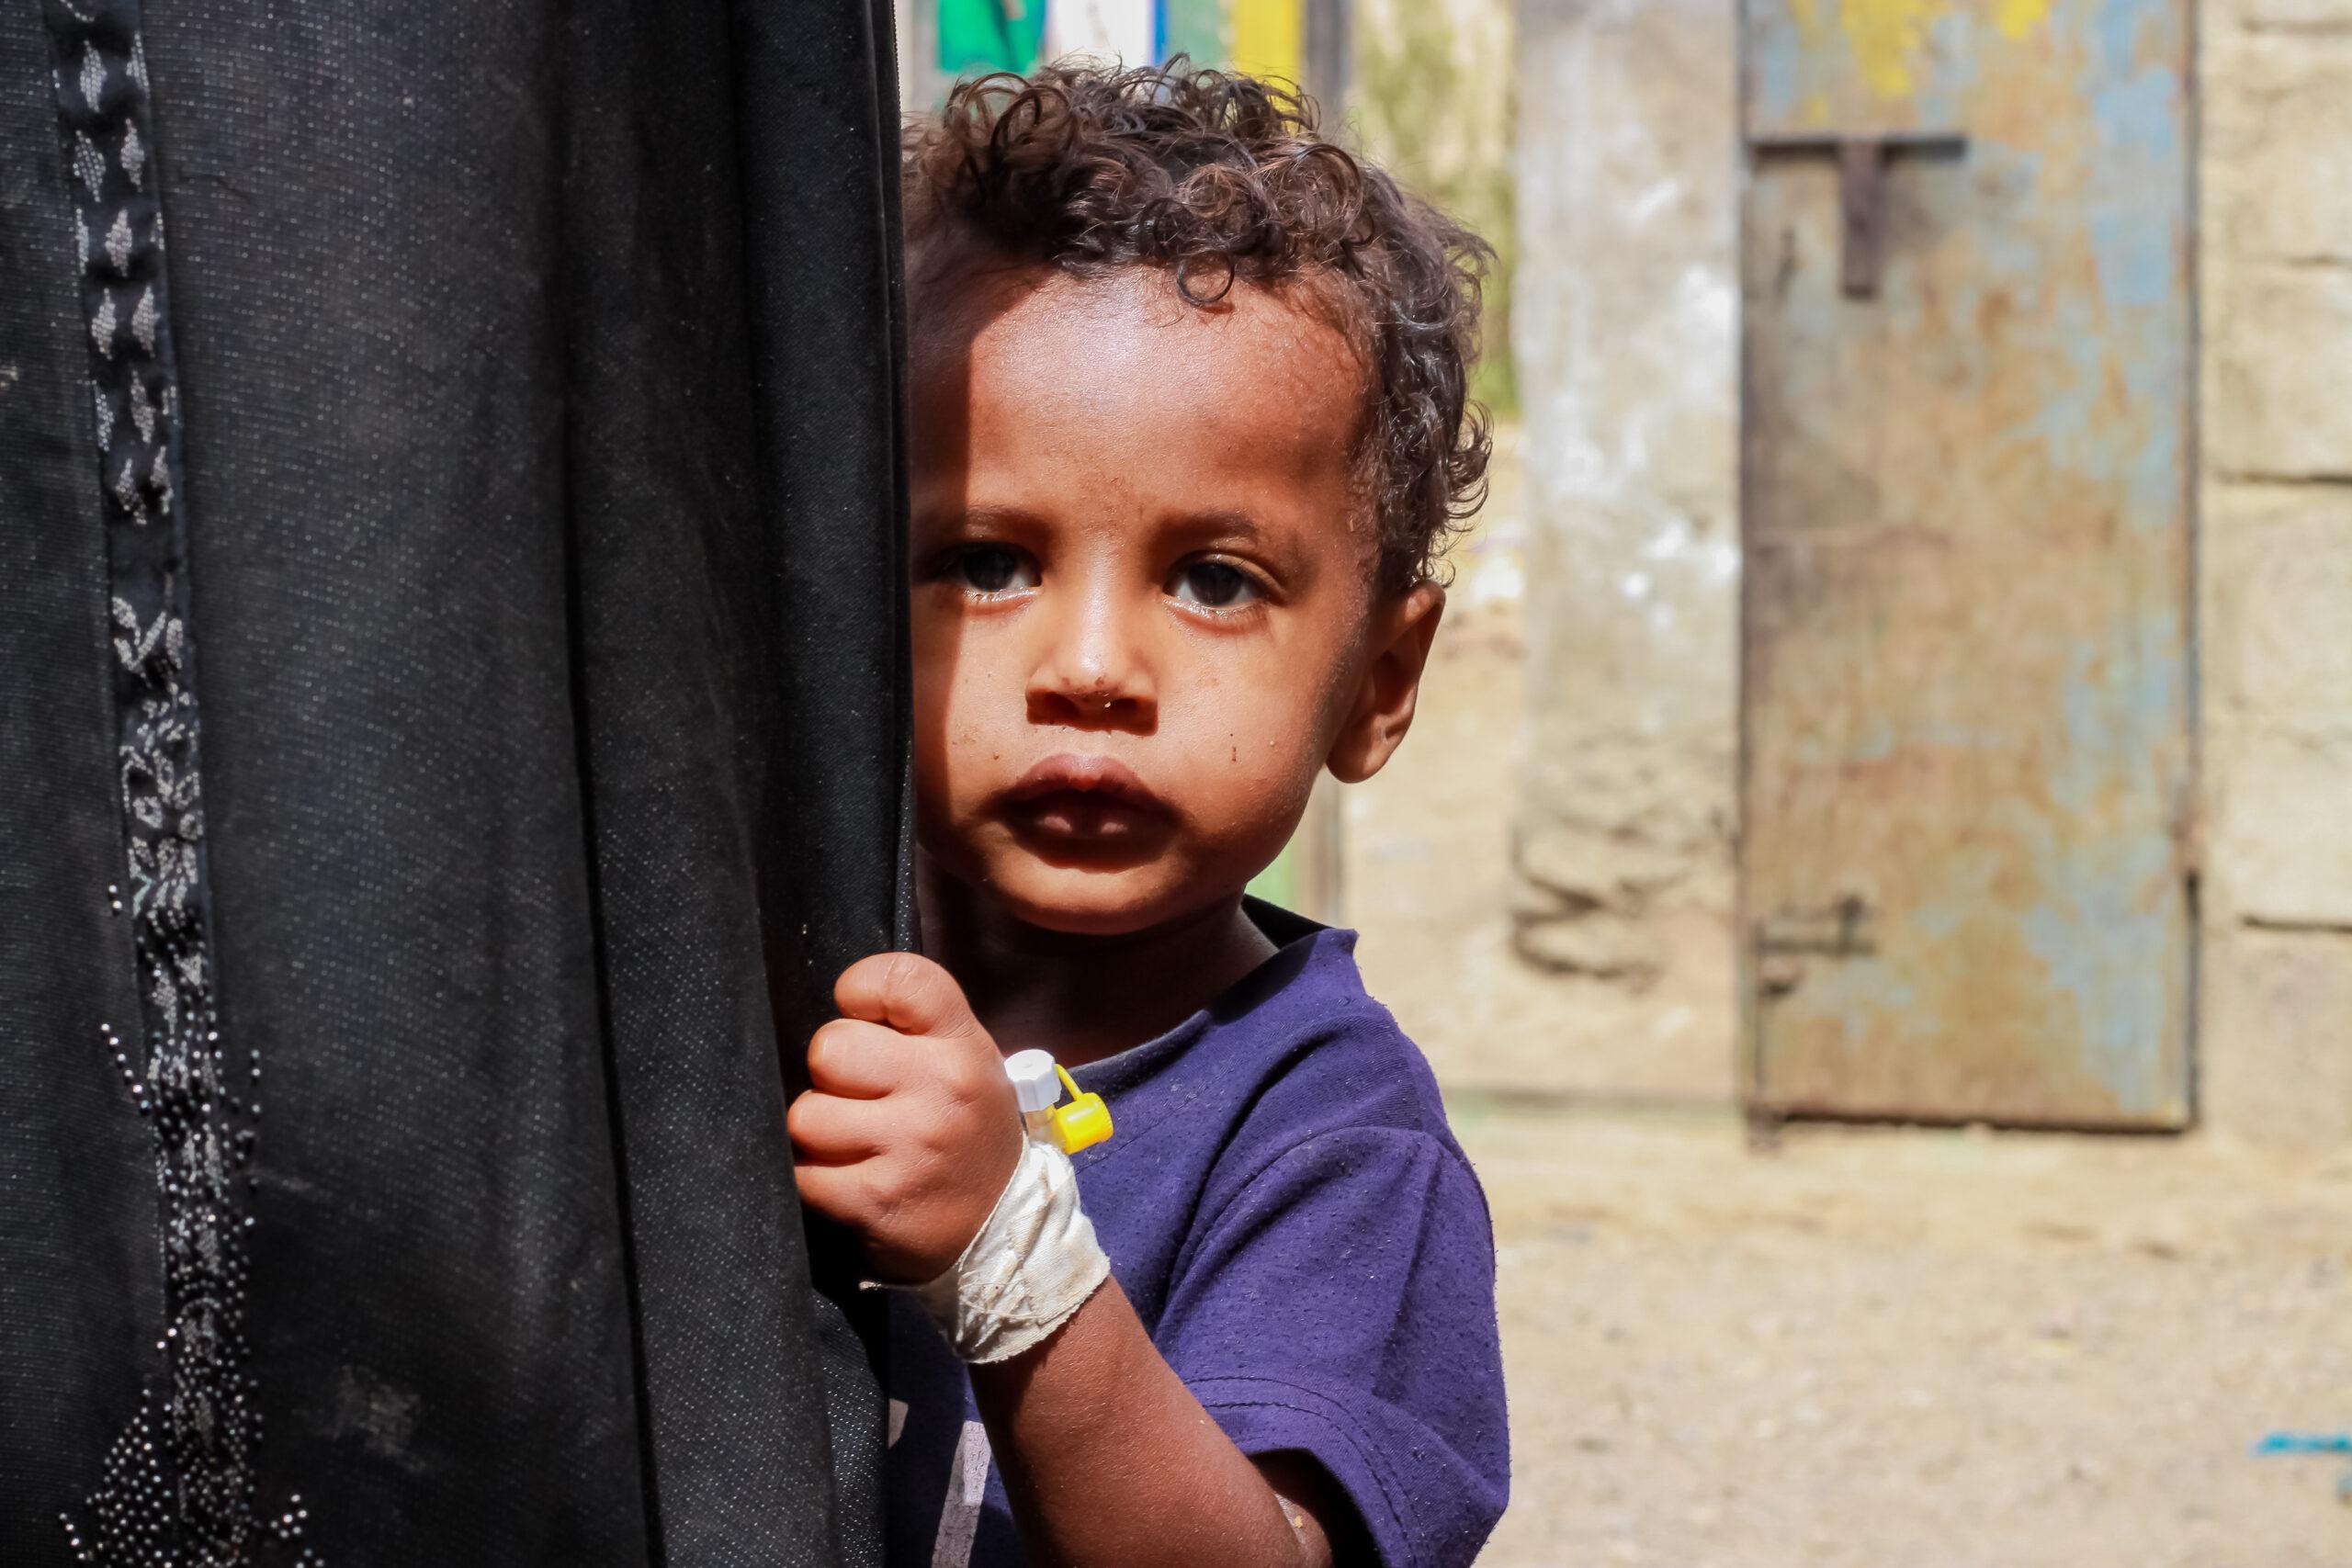 Eiad in Yemen